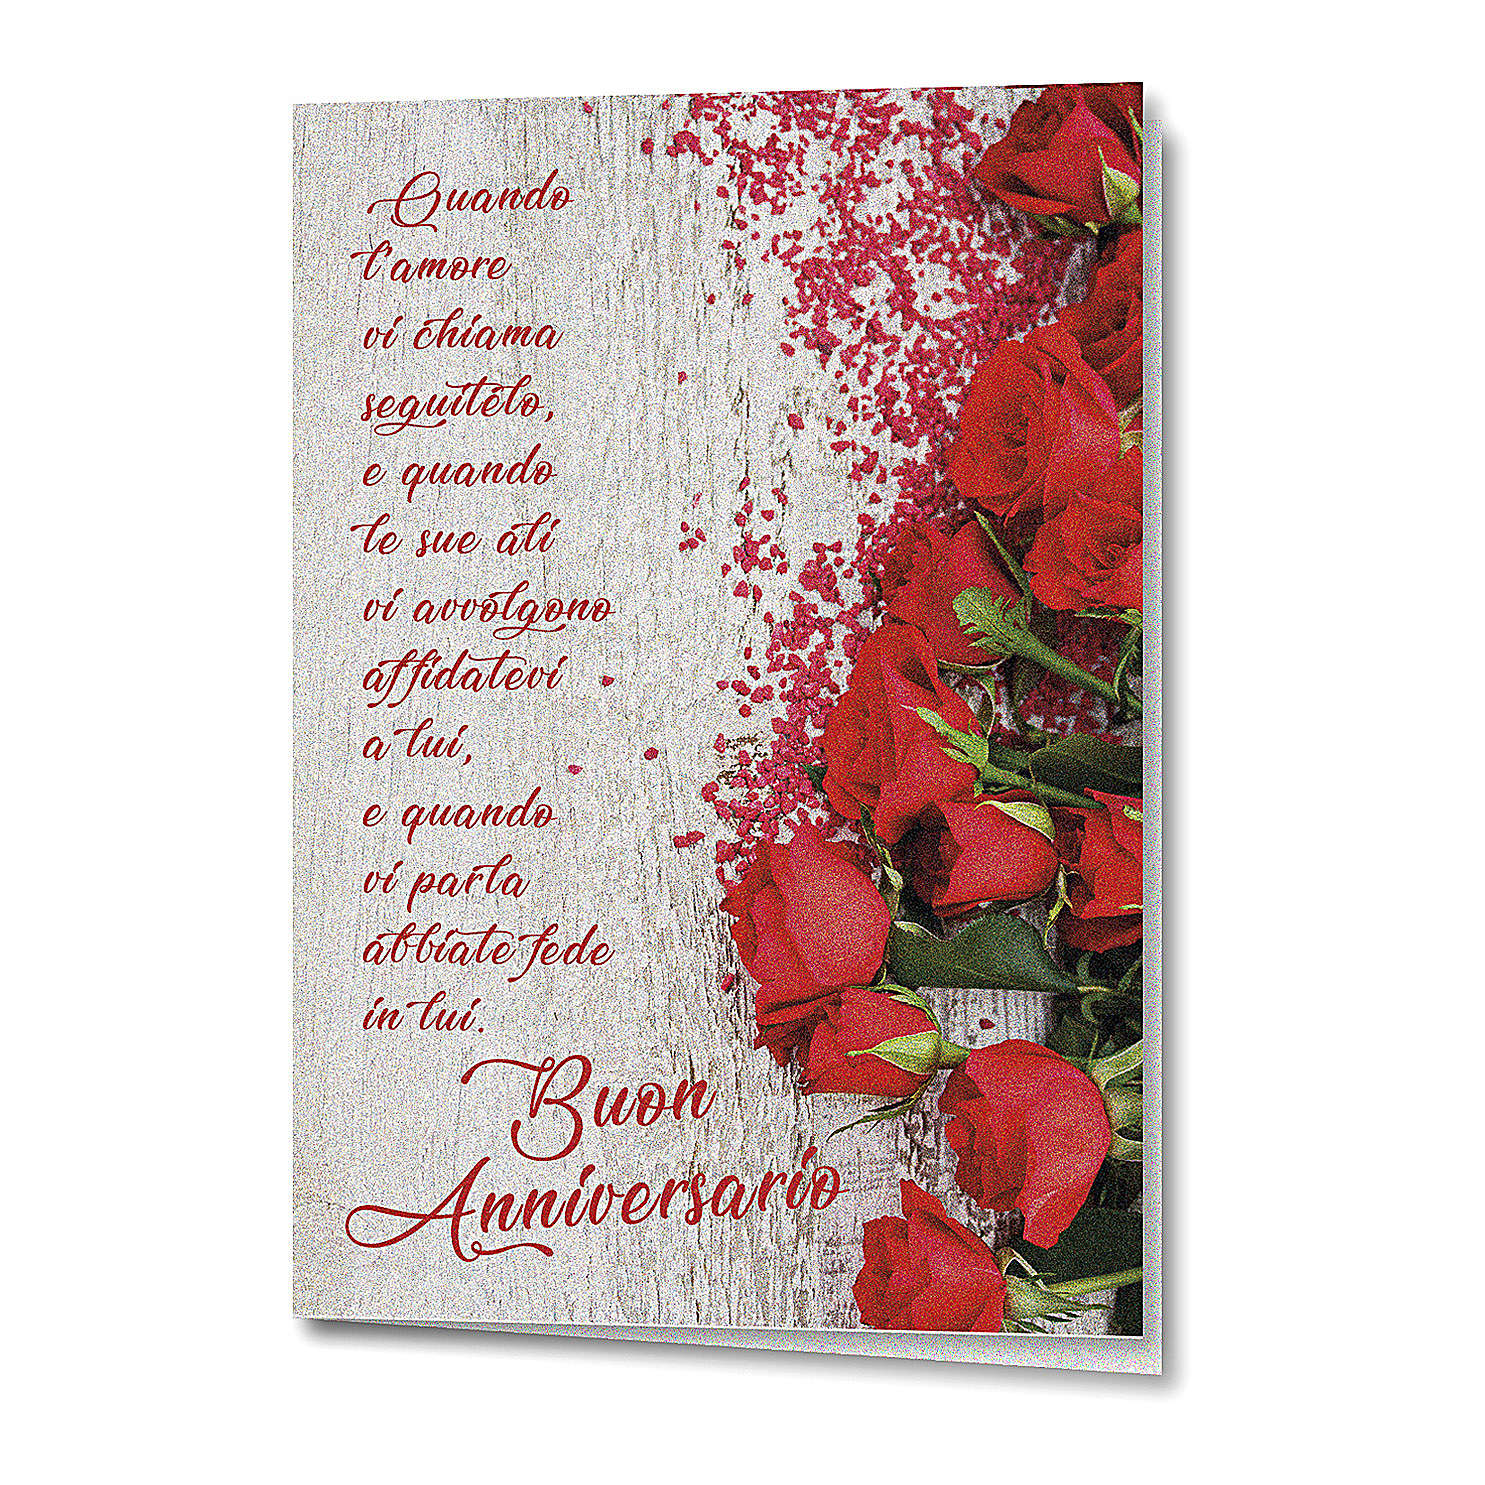 Immagini Di Anniversario Di Matrimonio.Biglietto Augurale Carta Perlata Anniversario Di Nozze Rose Rosse